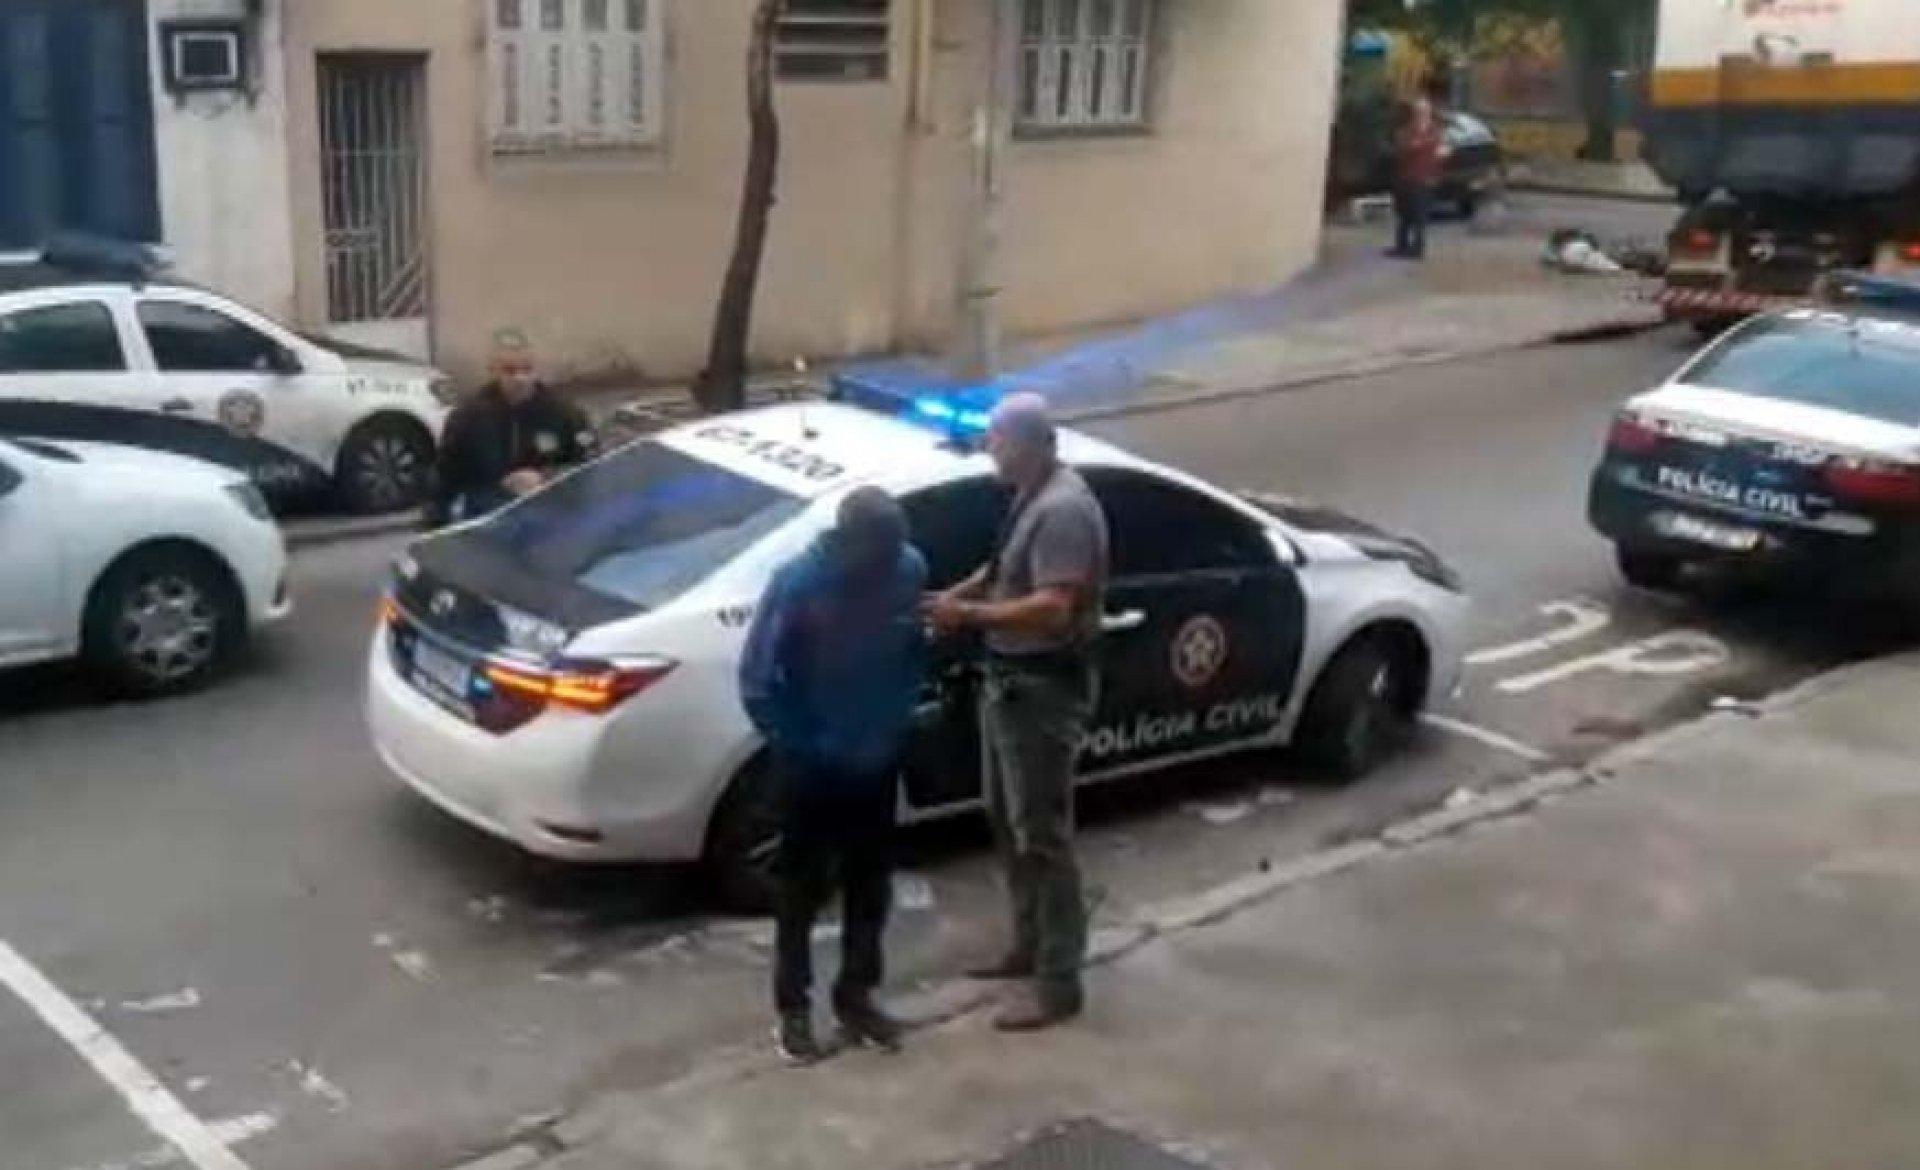 tijuca2 12143665 12144497 - Professor de escolinha de futebol é preso por abusar sexualmente de alunos